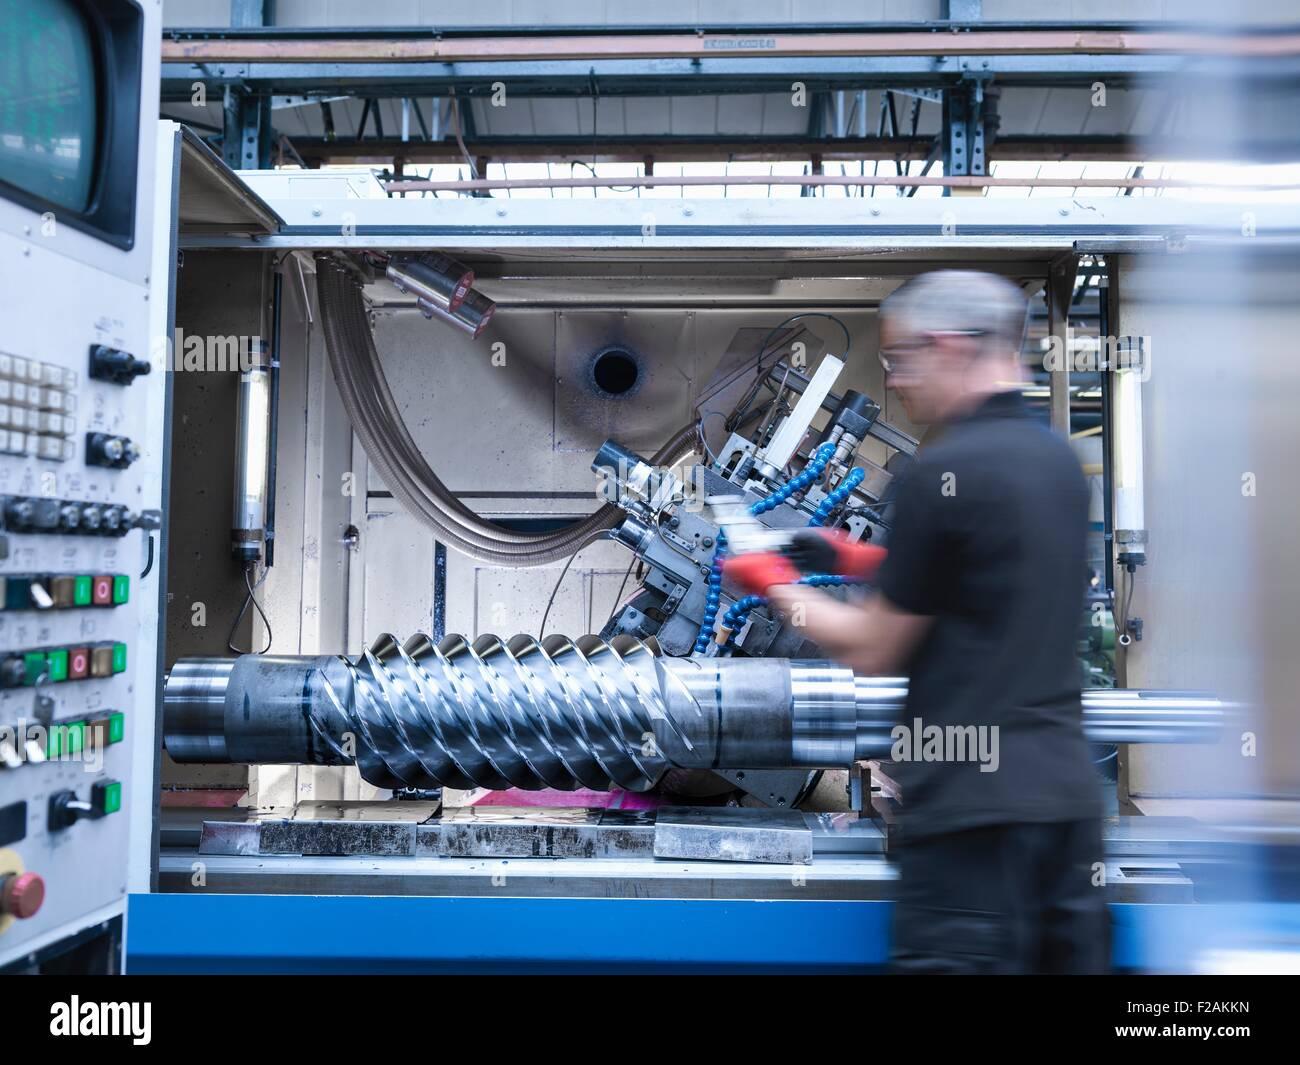 Ingenieur-Inspektion Laufwerk Schneckengetriebe in Drehbank in engineering Fabrik Stockbild